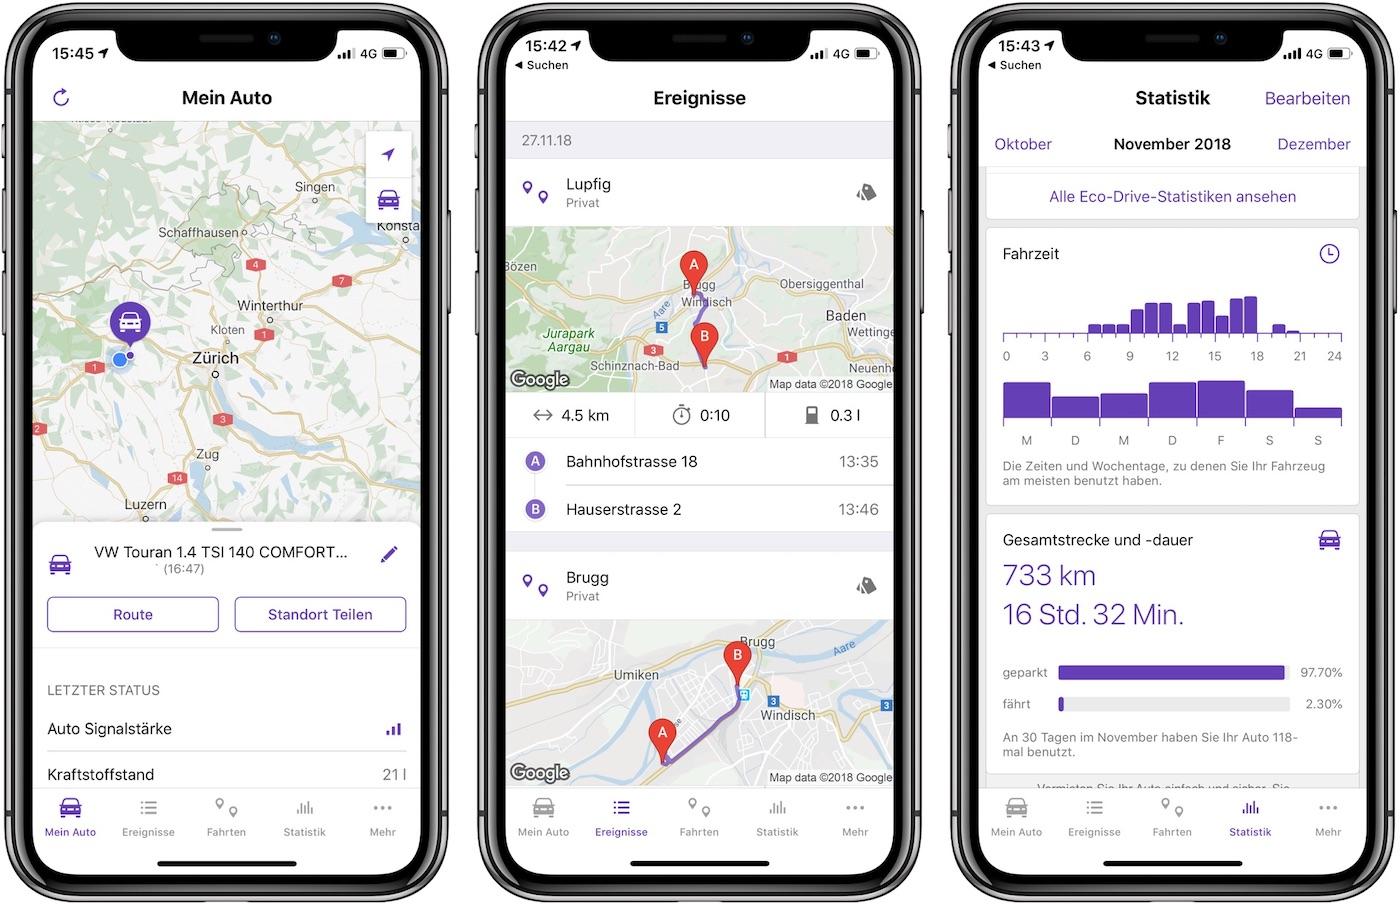 Autosense App und Auswertung der Fahrdaten